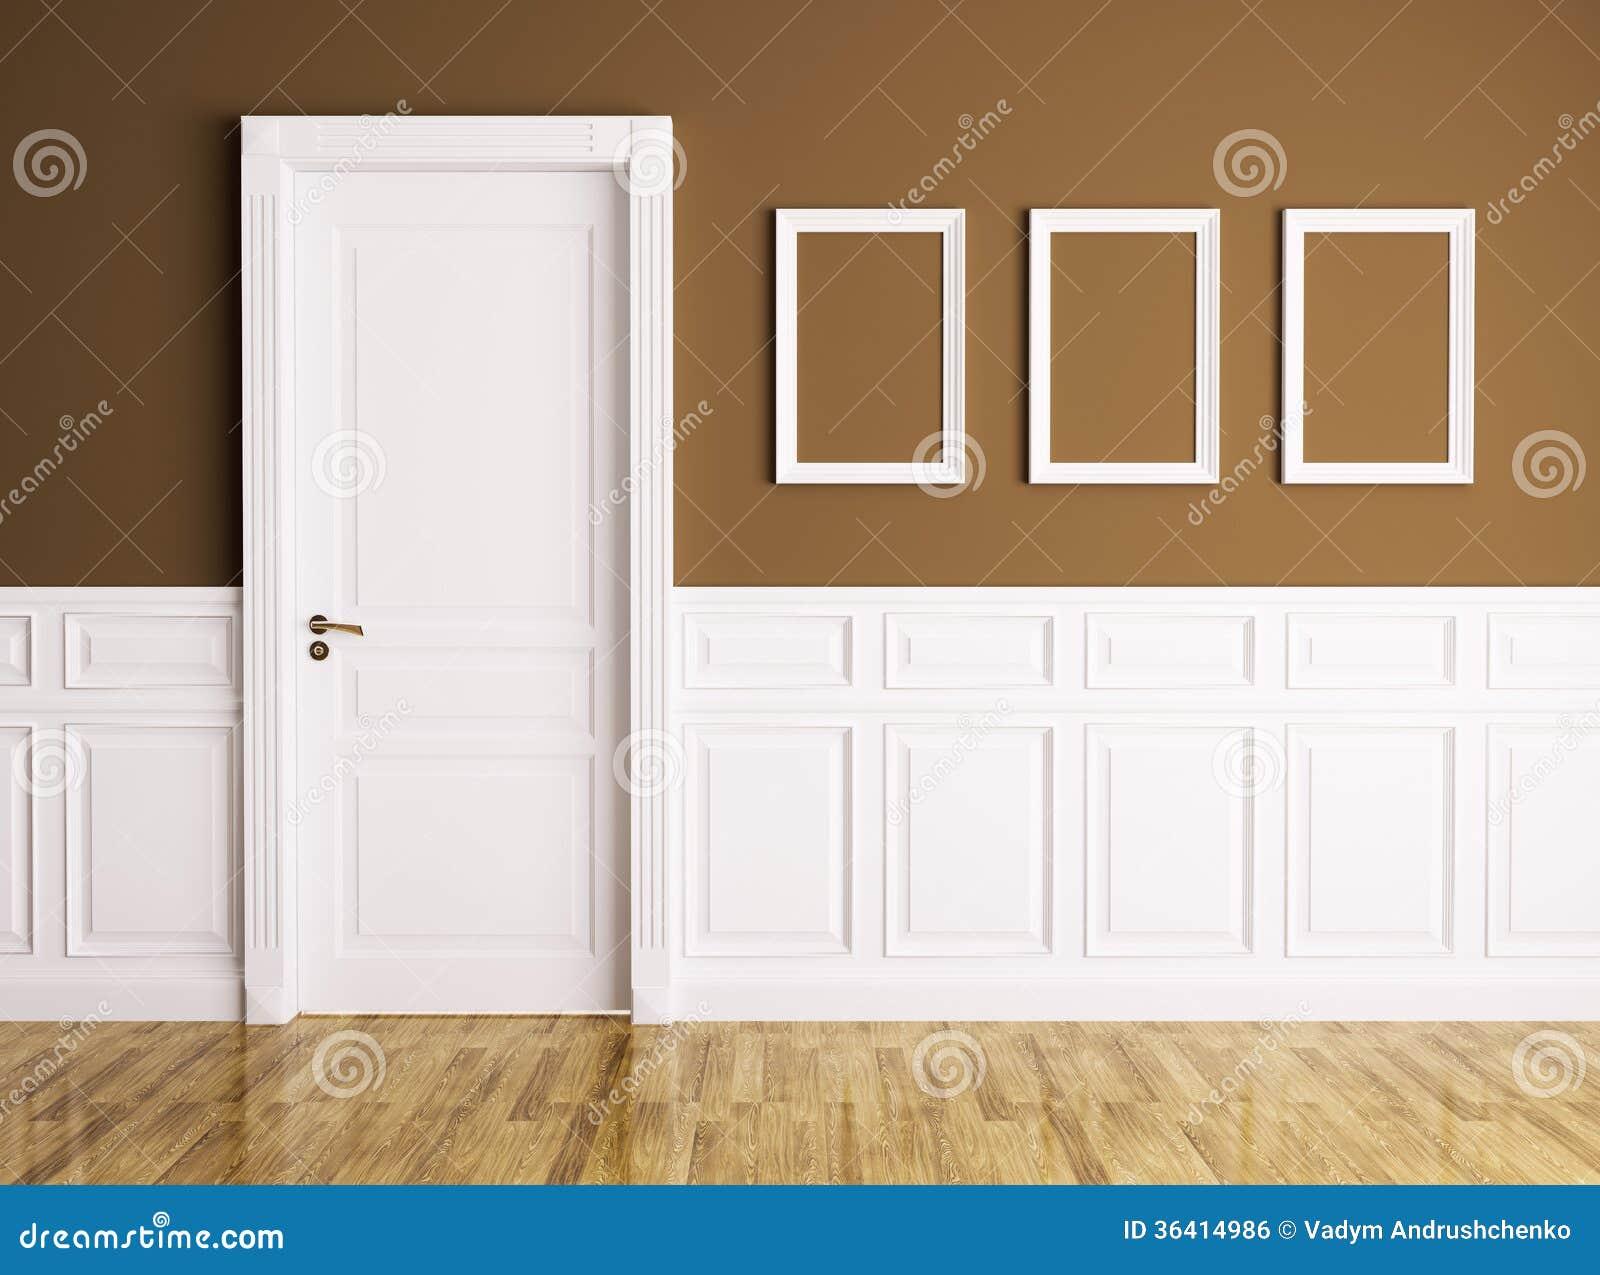 Good Interior Doors With Frame Image Collections Glass Door Interior Framing Interior  Doors Gallery Glass Door Interior